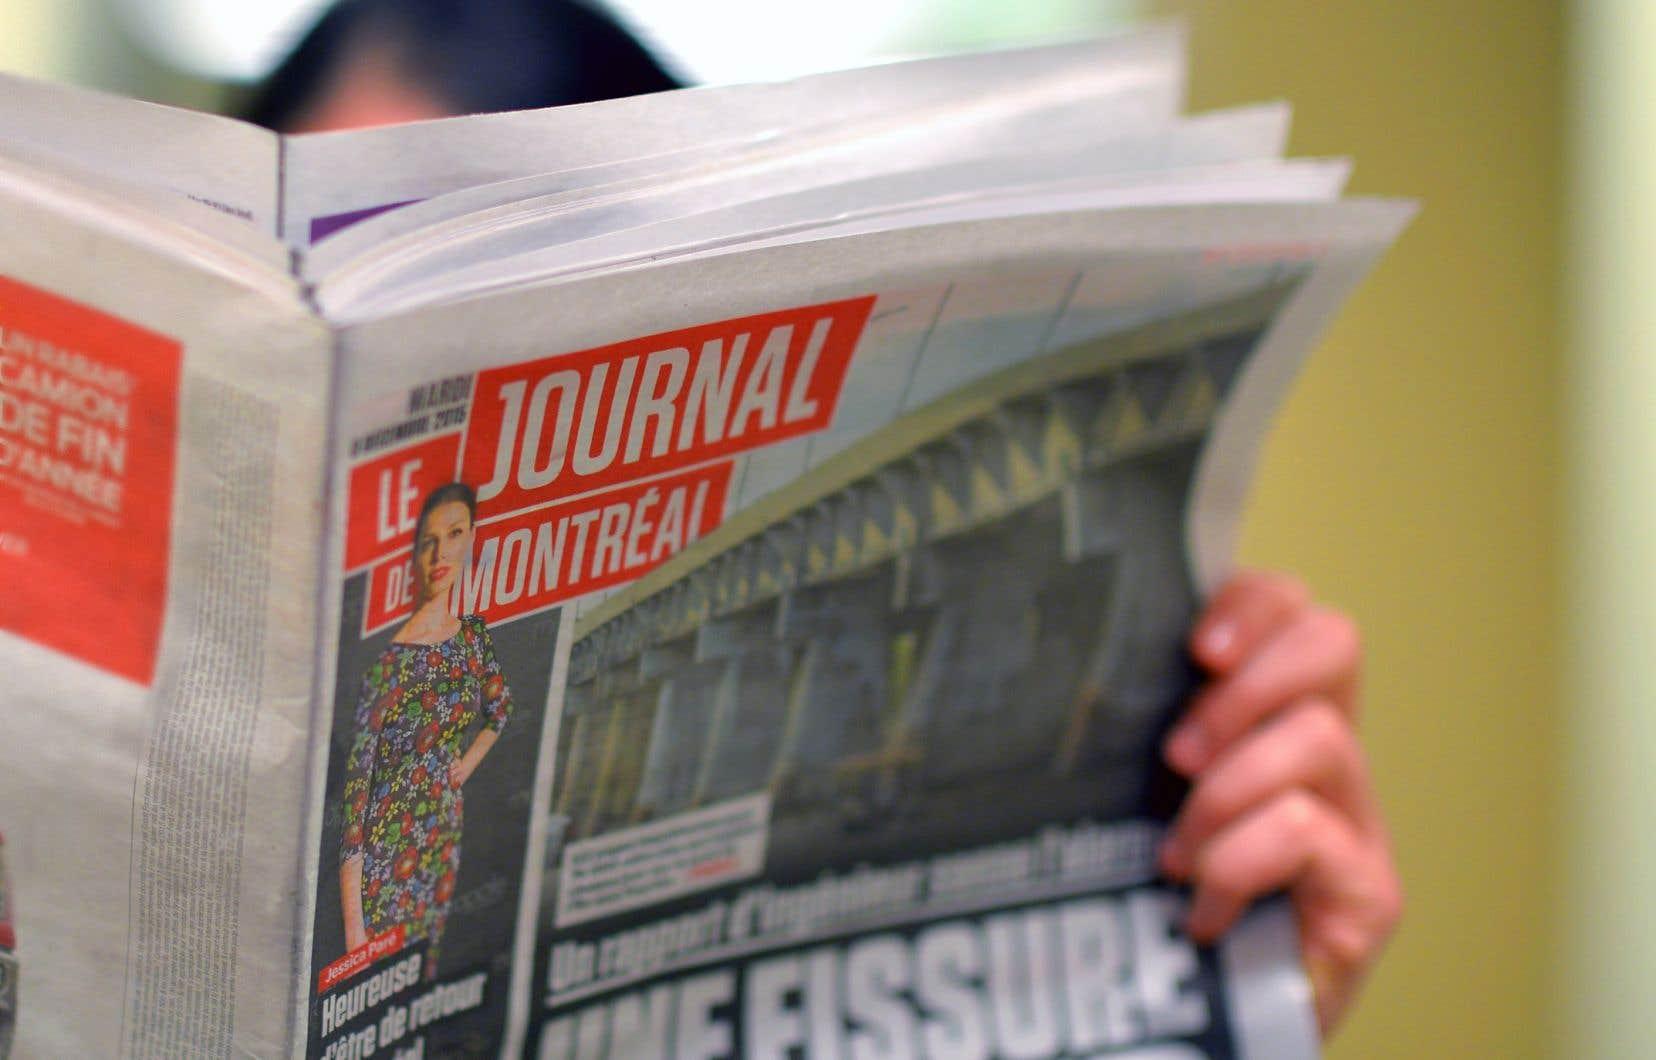 Le journaliste Yanick Poisson, blâmé par le Conseil de presse du Québec, ne travaille plus pour «Le Journal de Montréal».